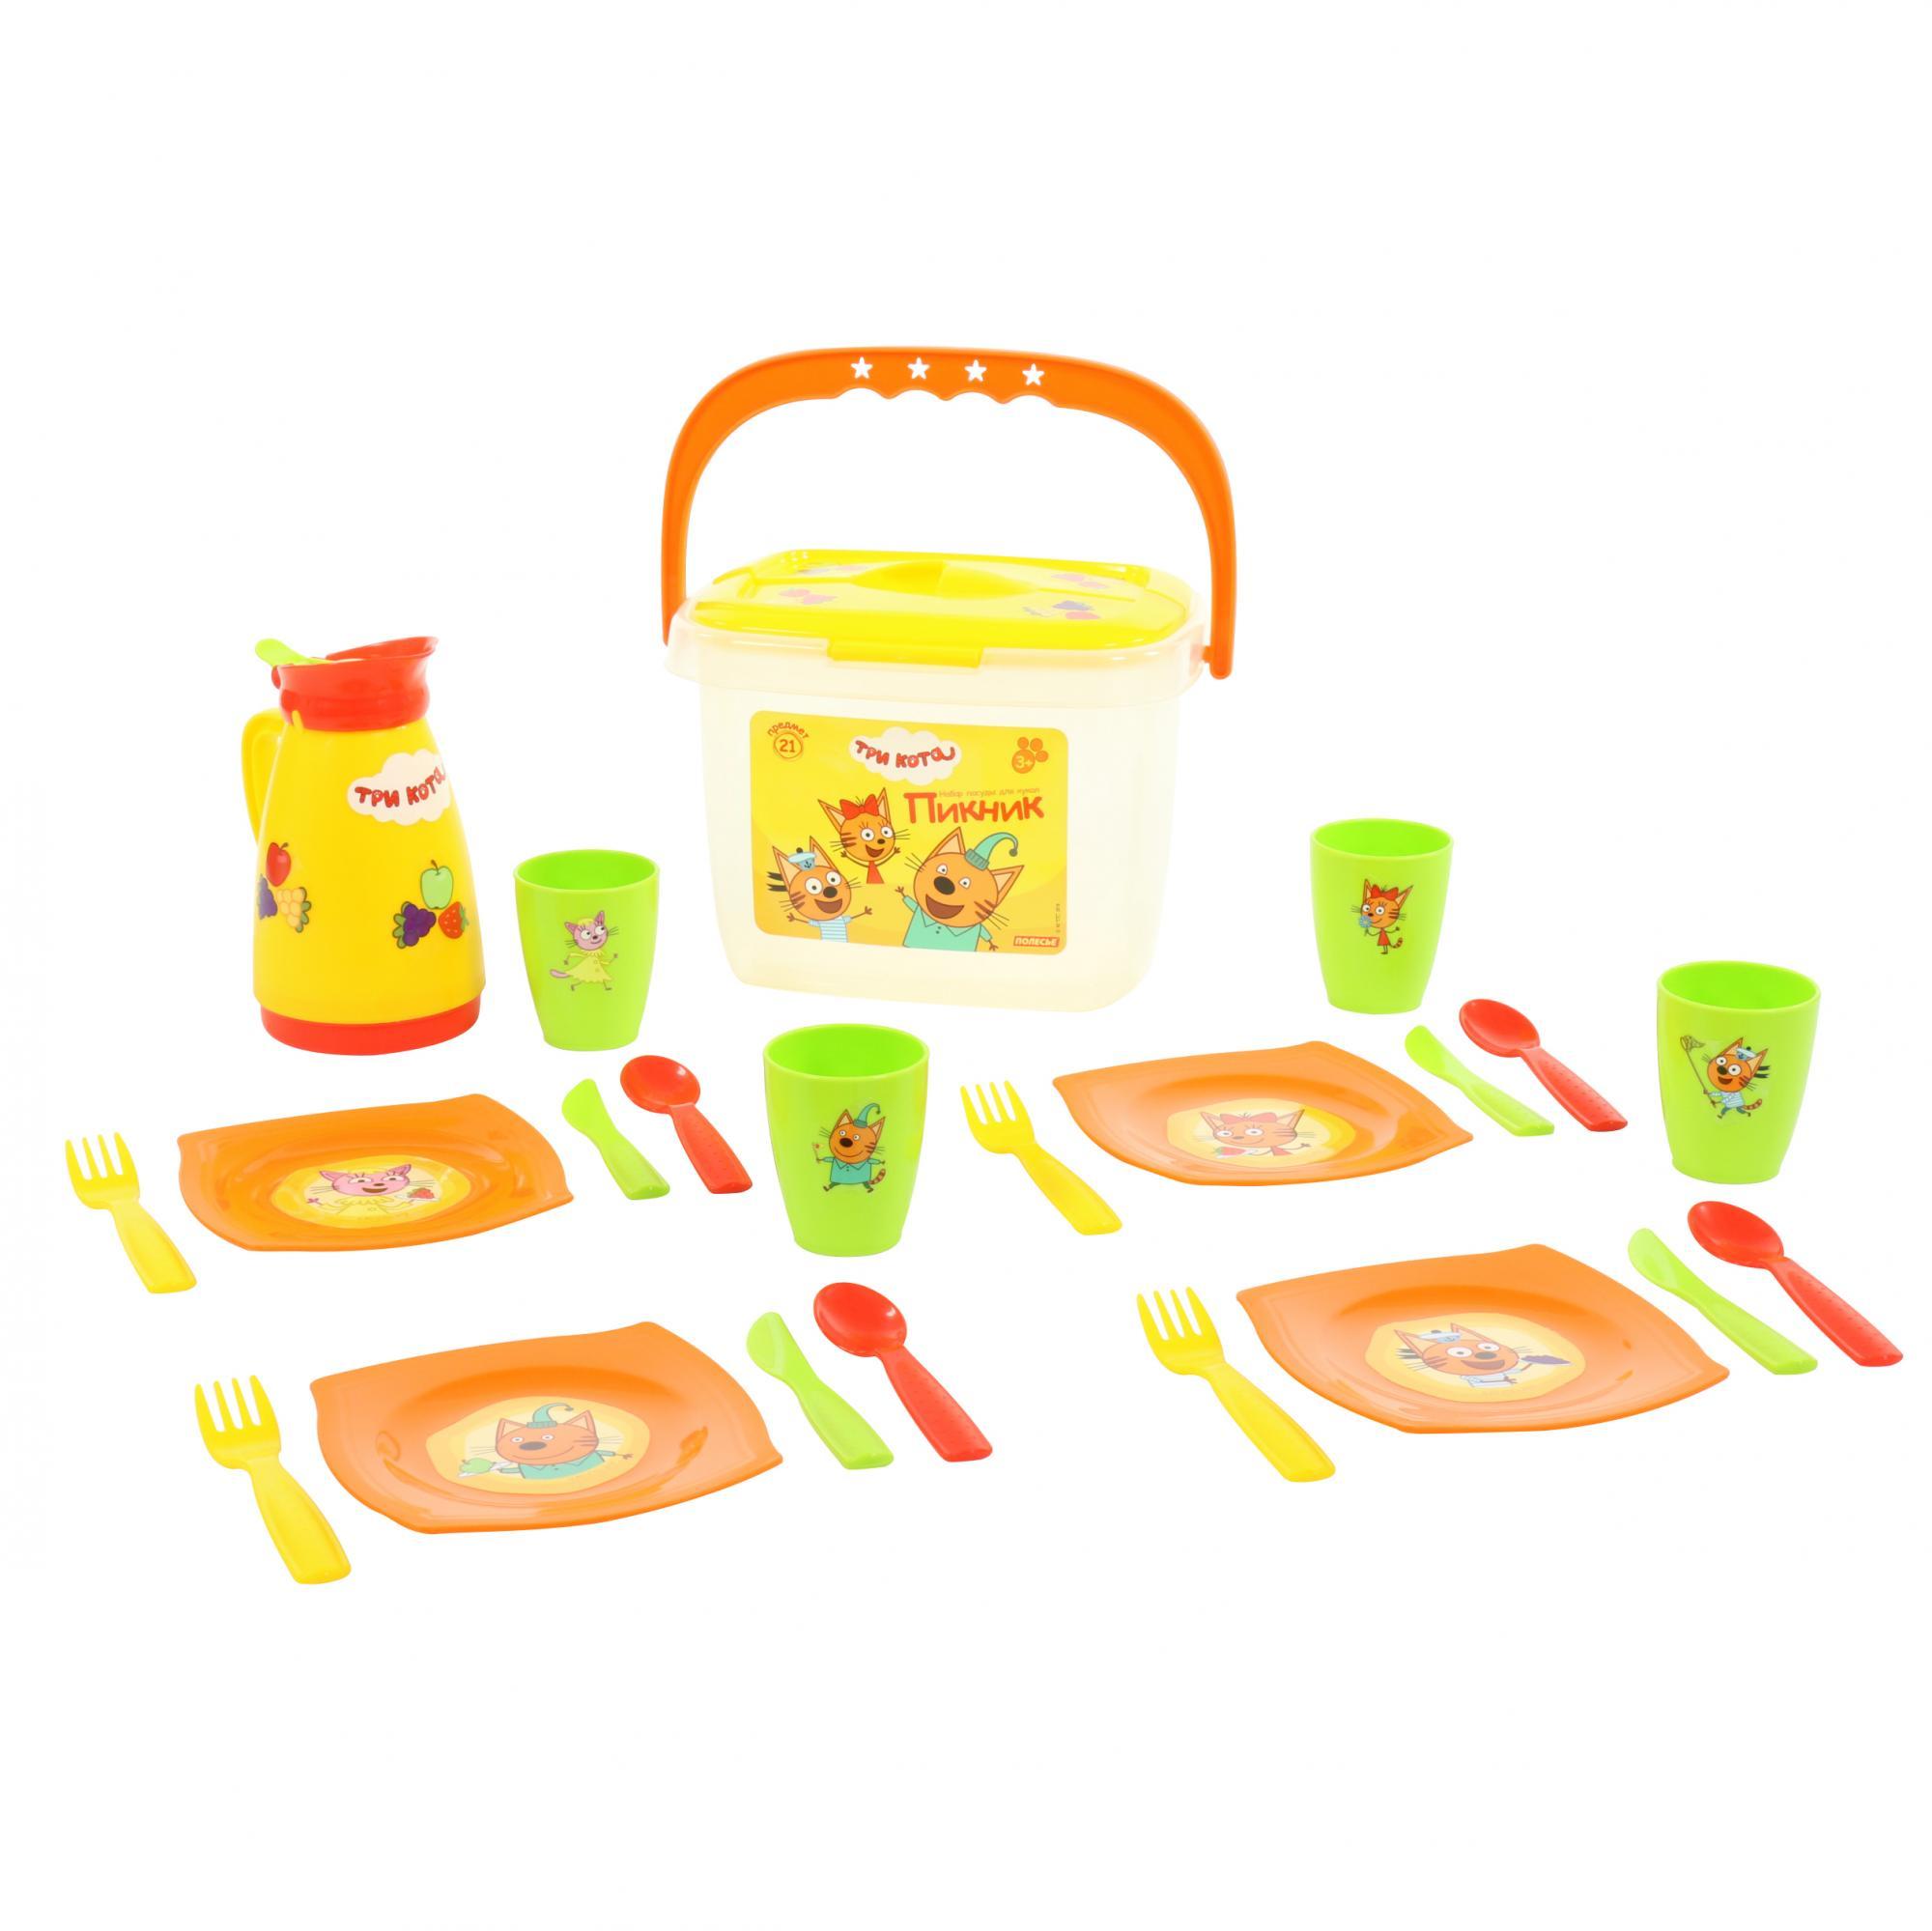 Купить Набор посуды для кукол Пикник из серии Три Кота, 21 элемент, в контейнере, Полесье